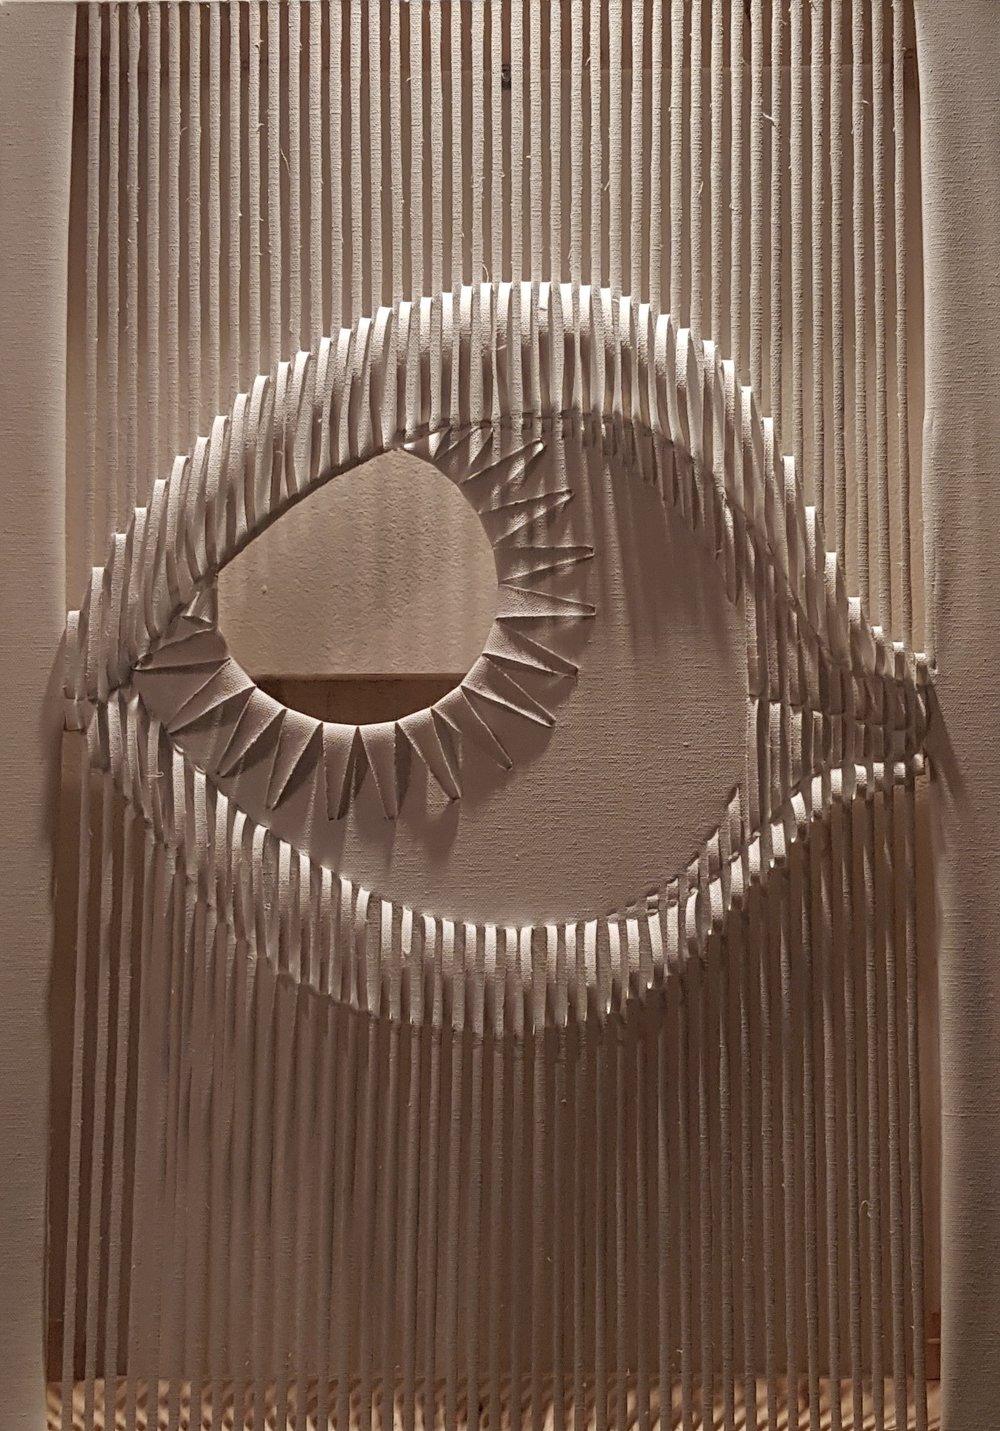 Experimento_08_V2_(See Through),2018 | Tela | 50 x 70 cm |  R$ 2,000